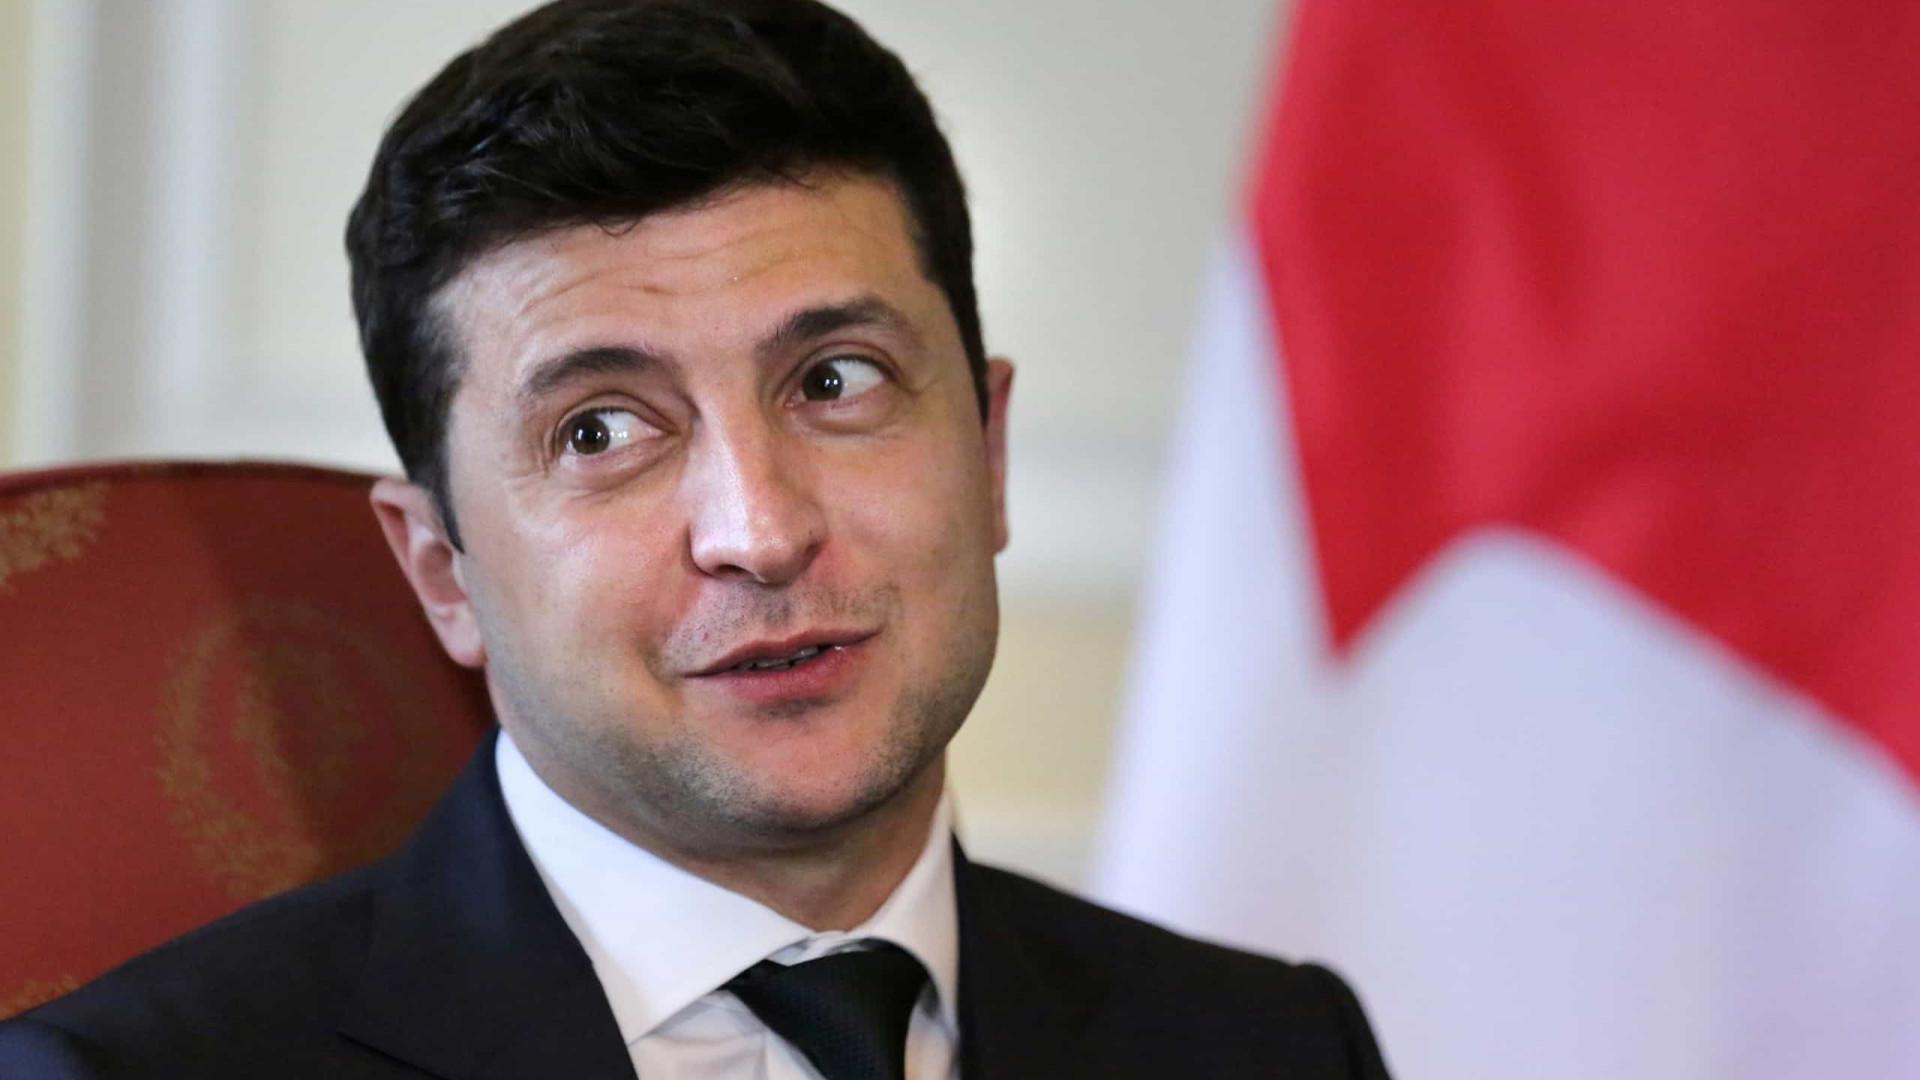 Presidente ucraniano bate recorde com coletiva de imprensa de 12 horas